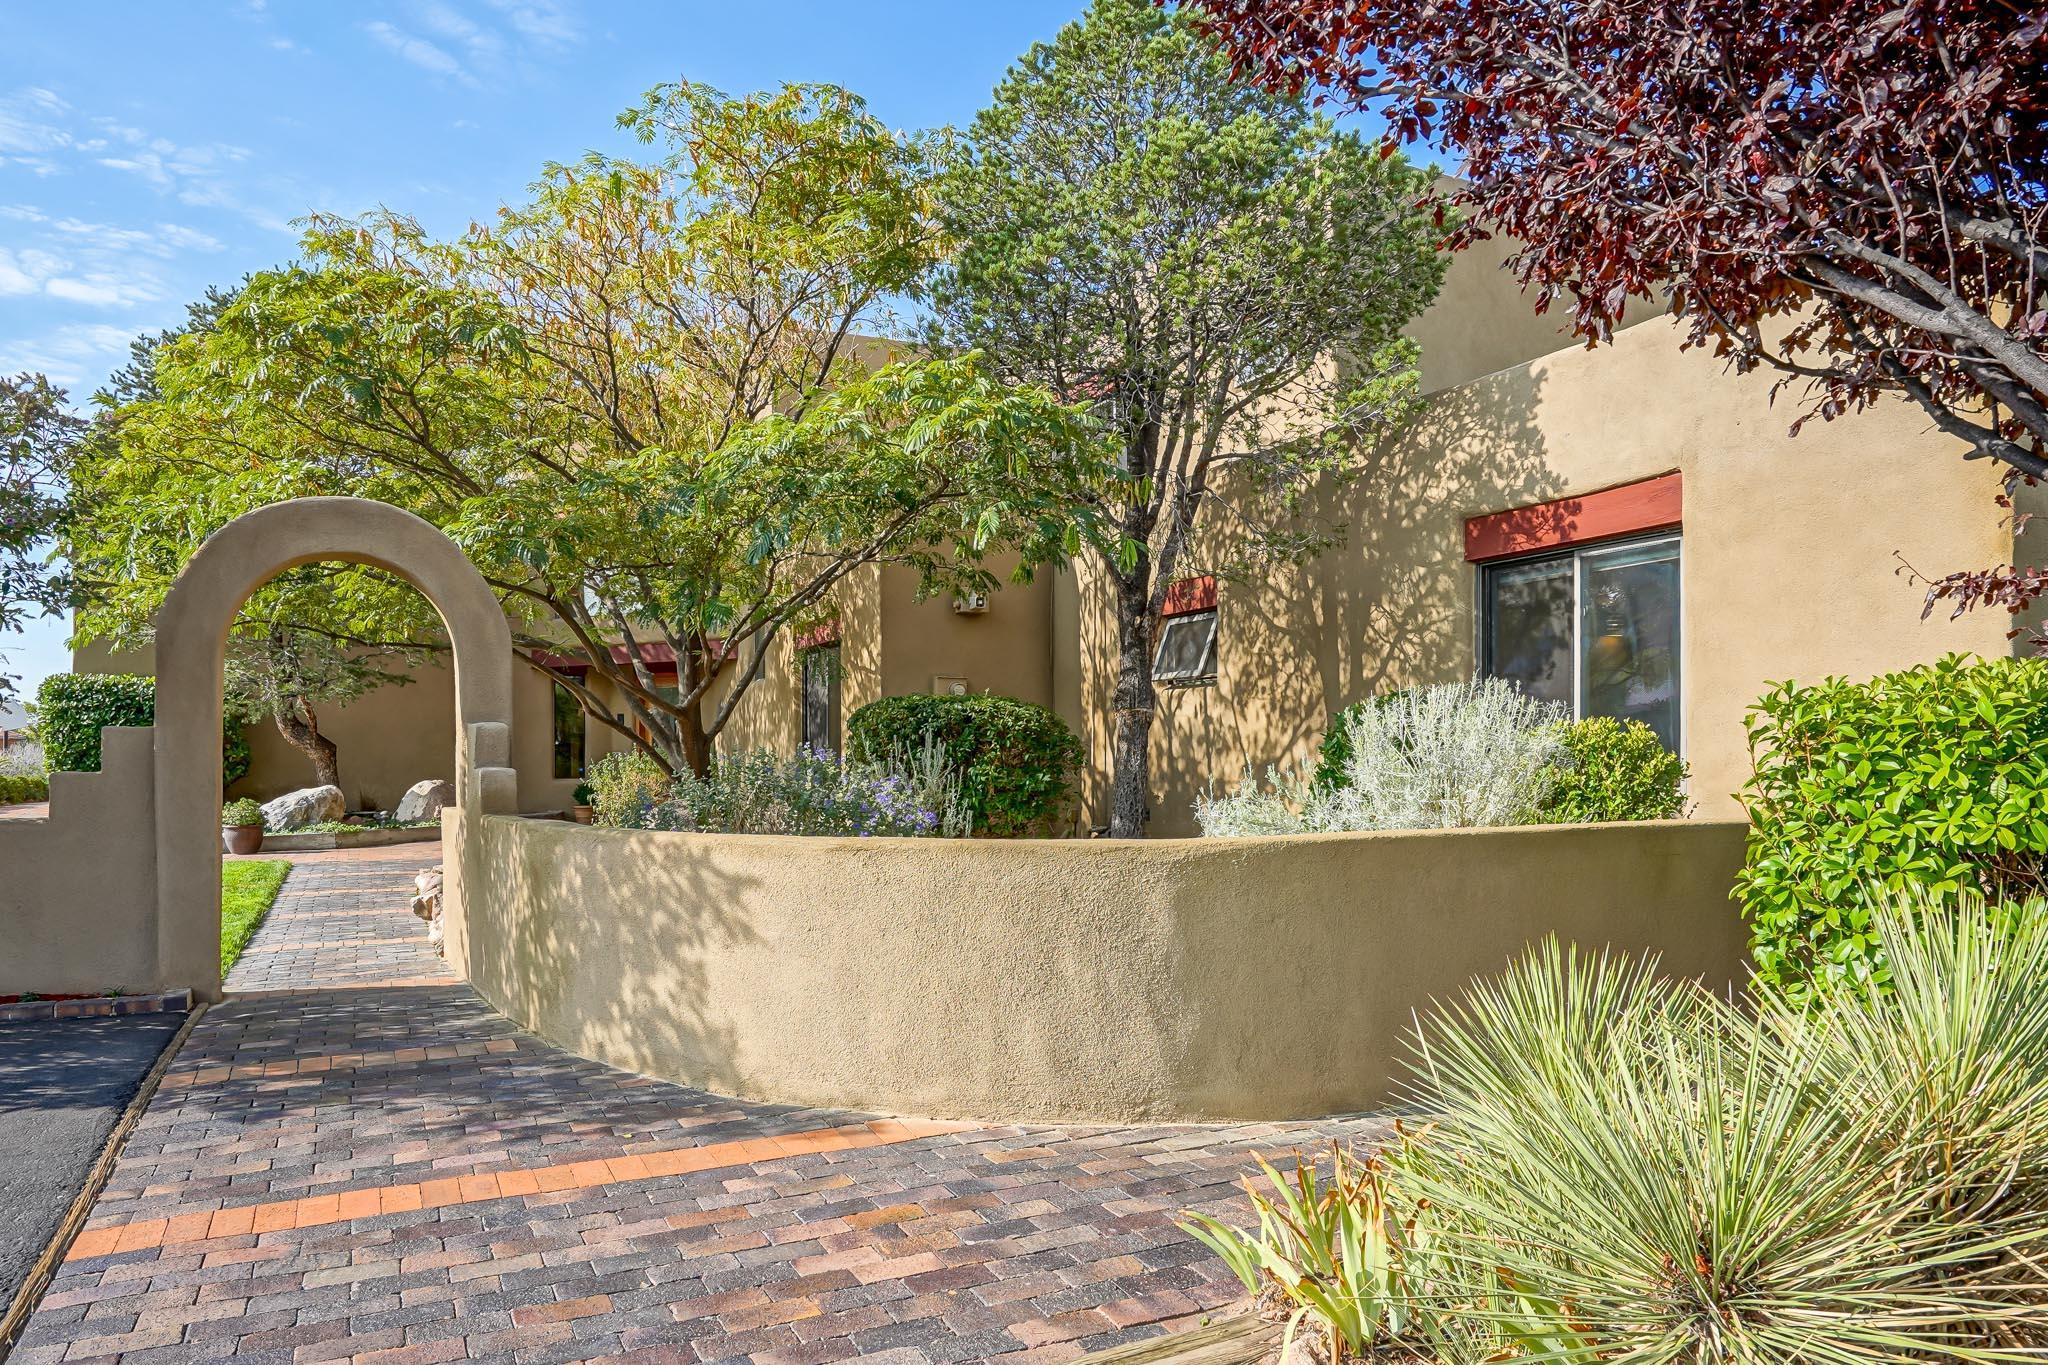 11600 SAN RAFAEL Avenue, Albuquerque NM 87122